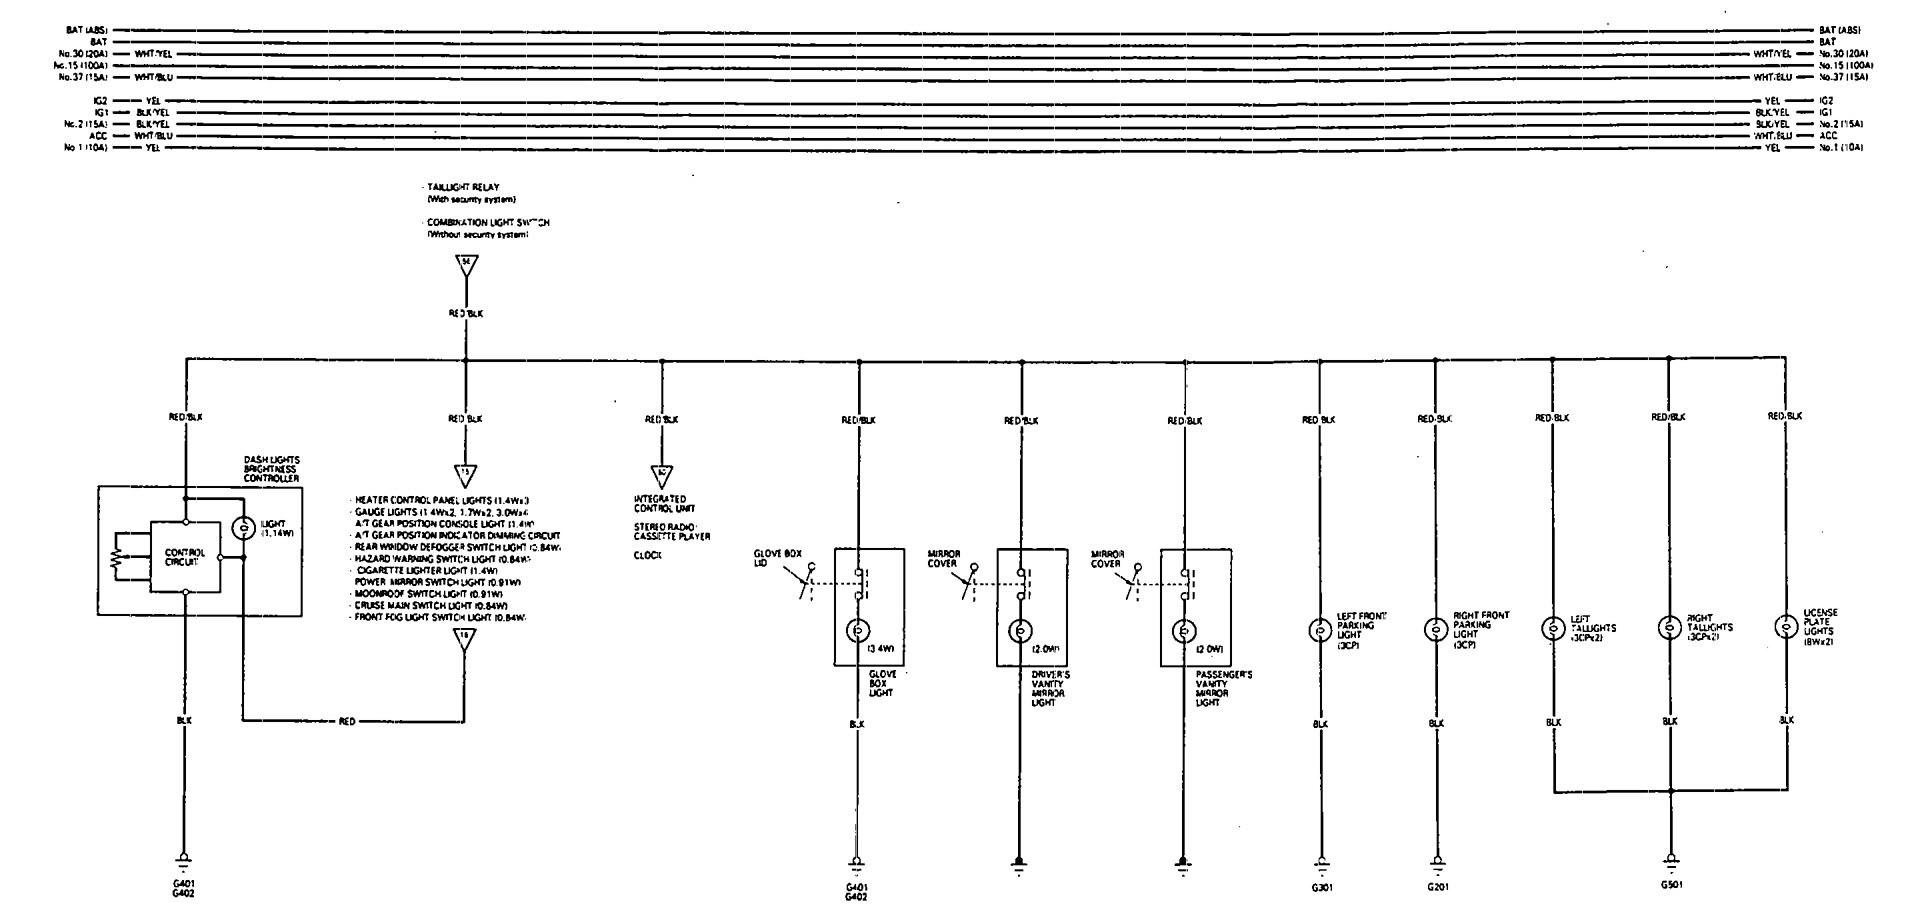 Acura Vigor  1993  - Wiring Diagrams  P Lamp Dimming